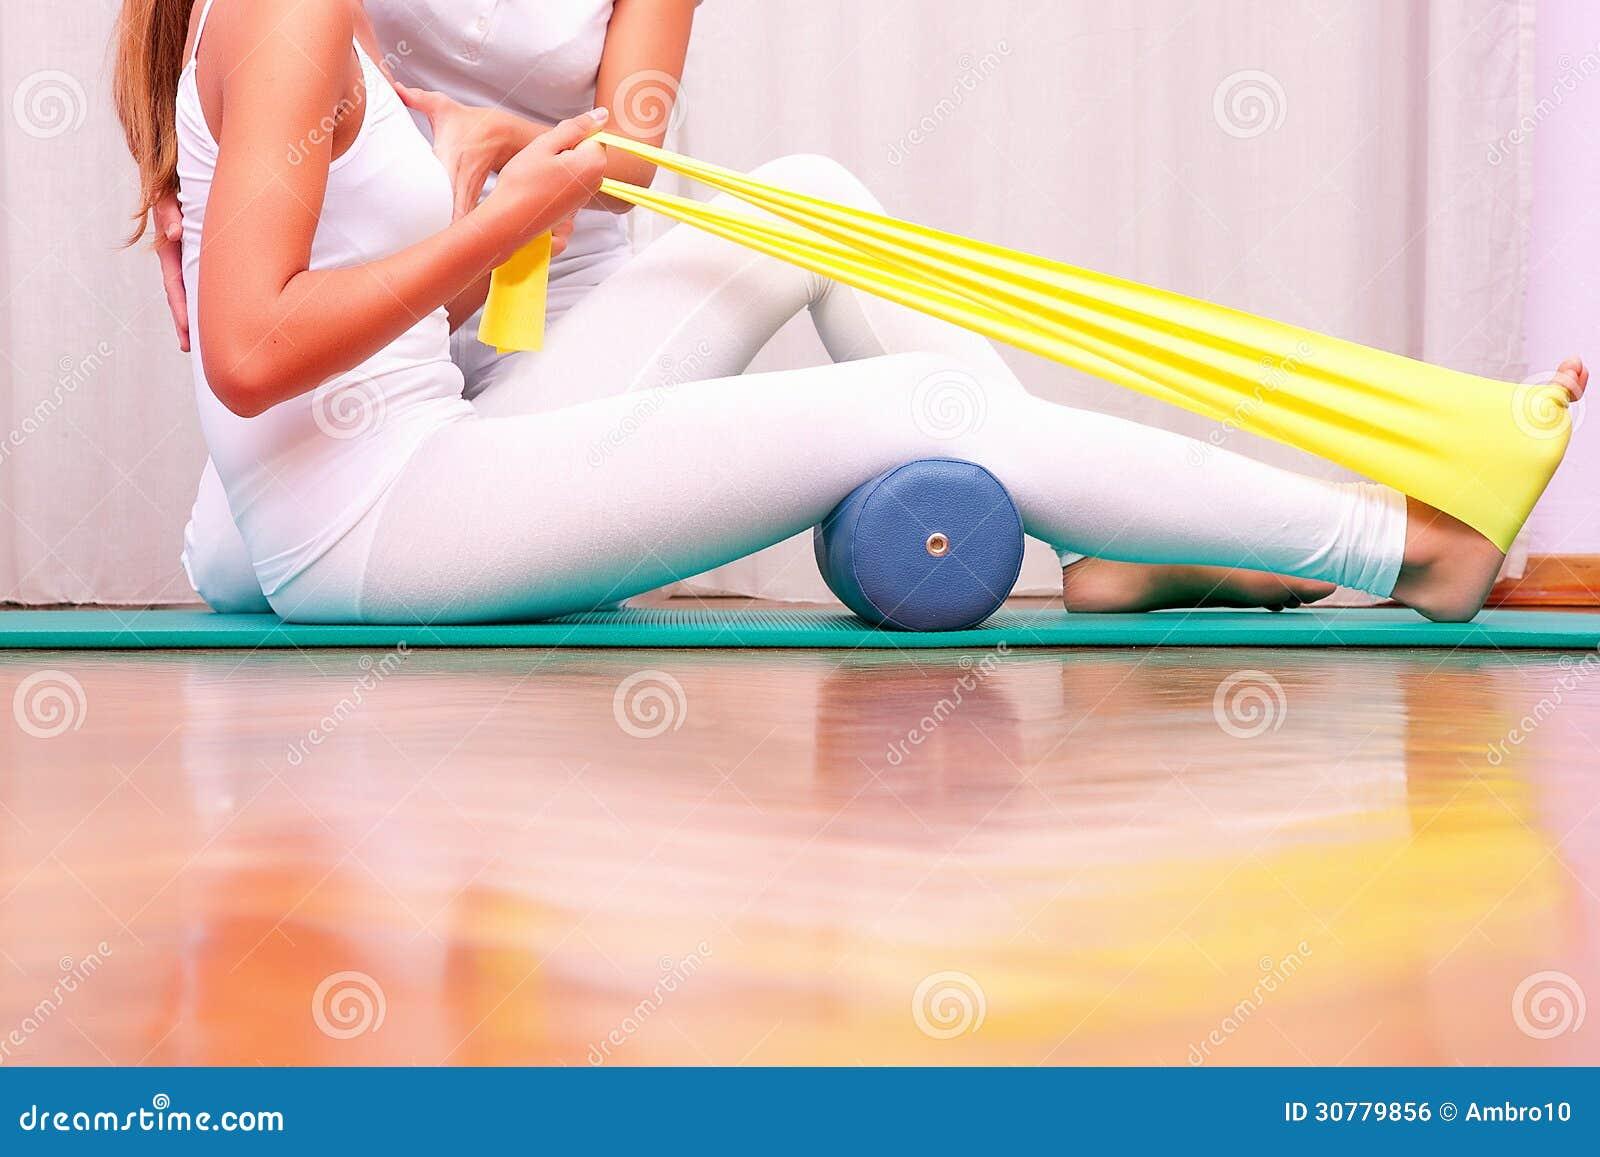 Oefeningen Met Elastiek Die Tibial Tarsal Versterken Royalty vrije Stock Afbeelding   Afbeelding